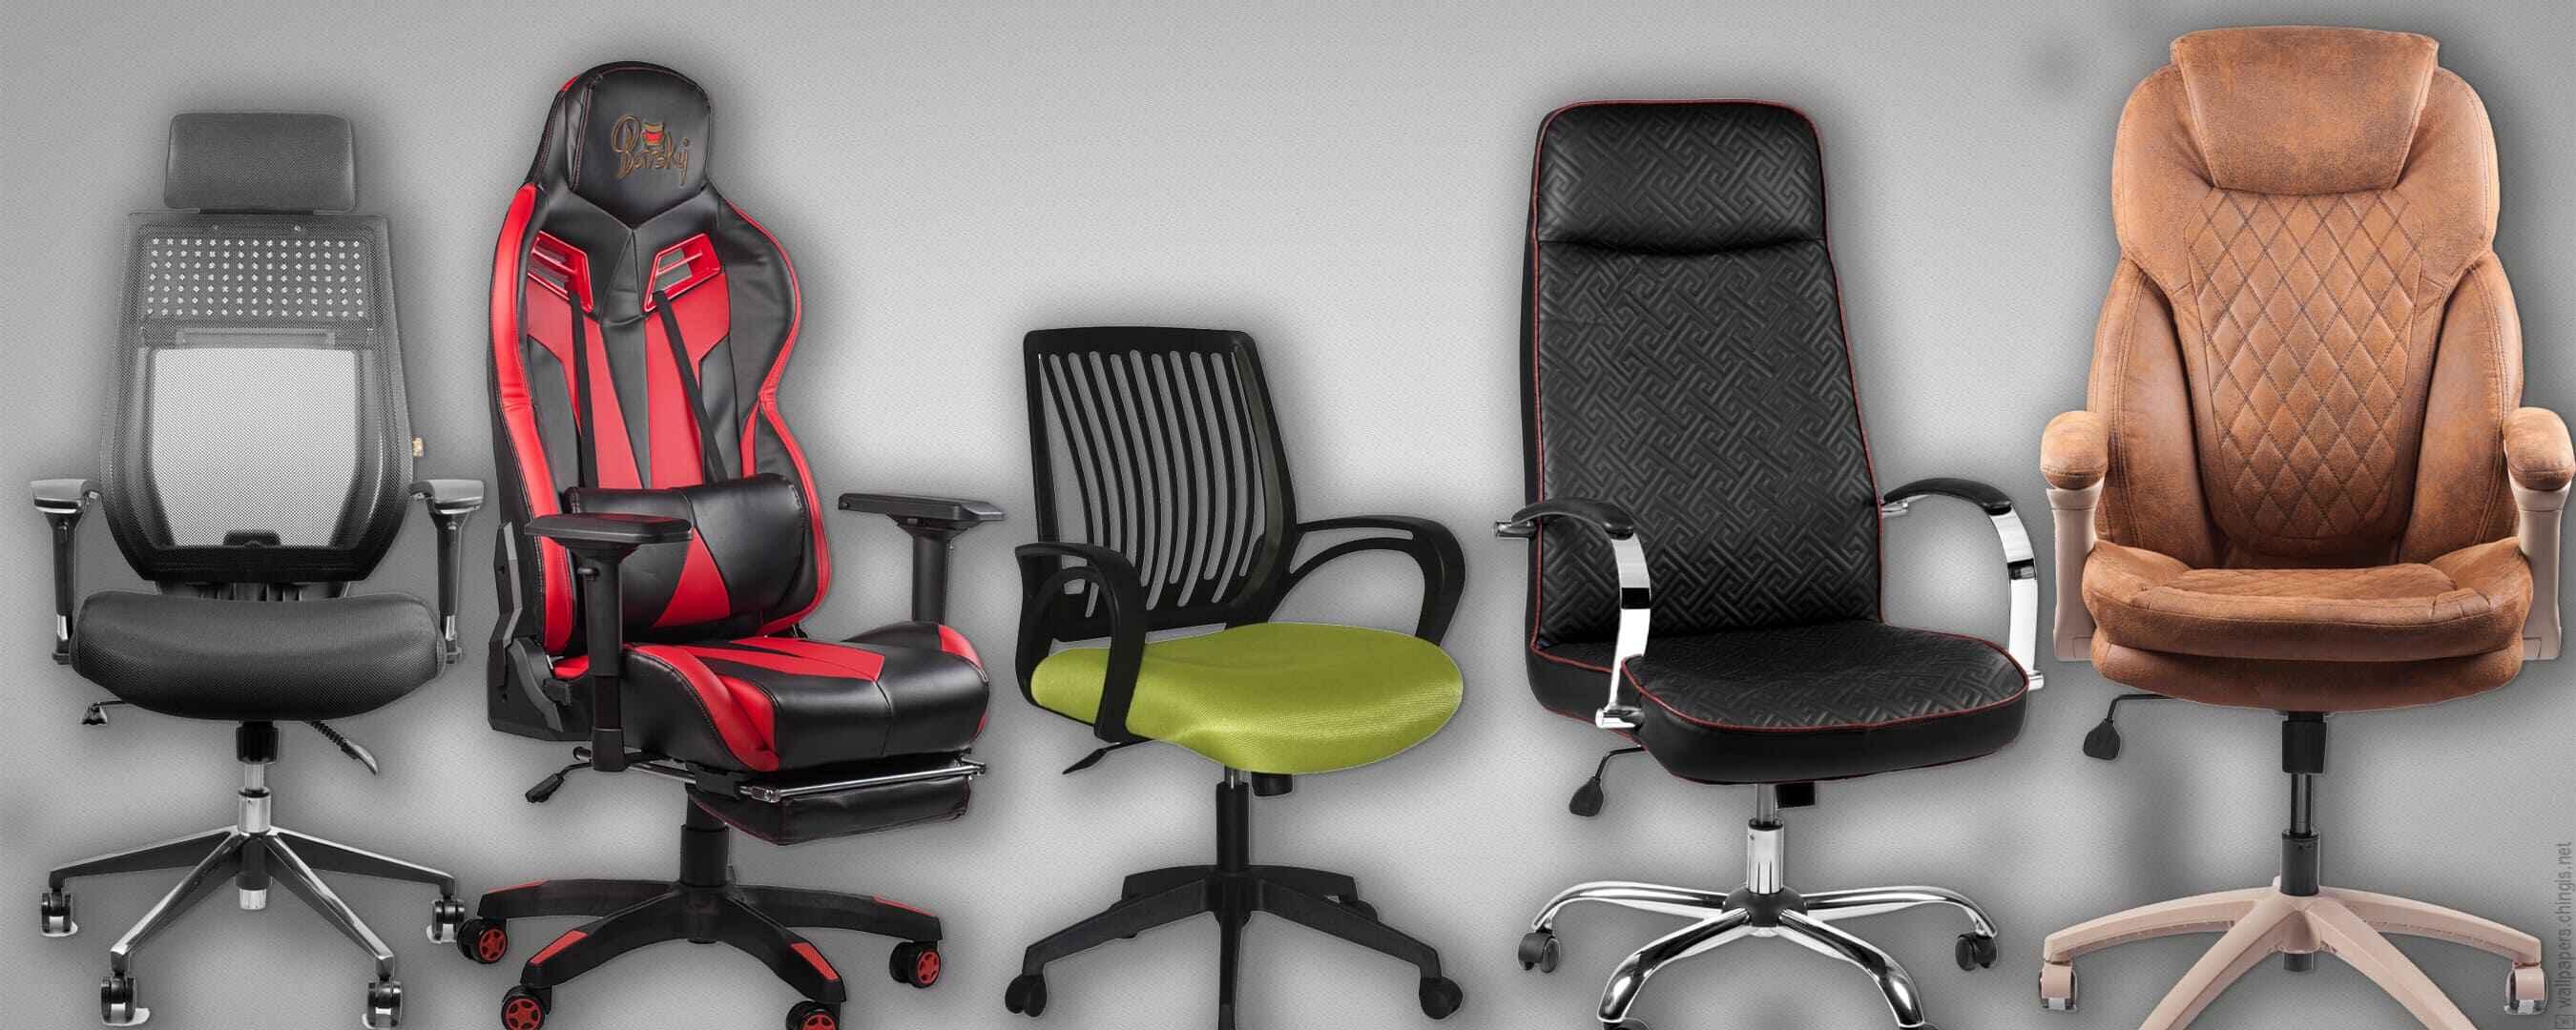 купить мебель в интернет-магазине онлайн